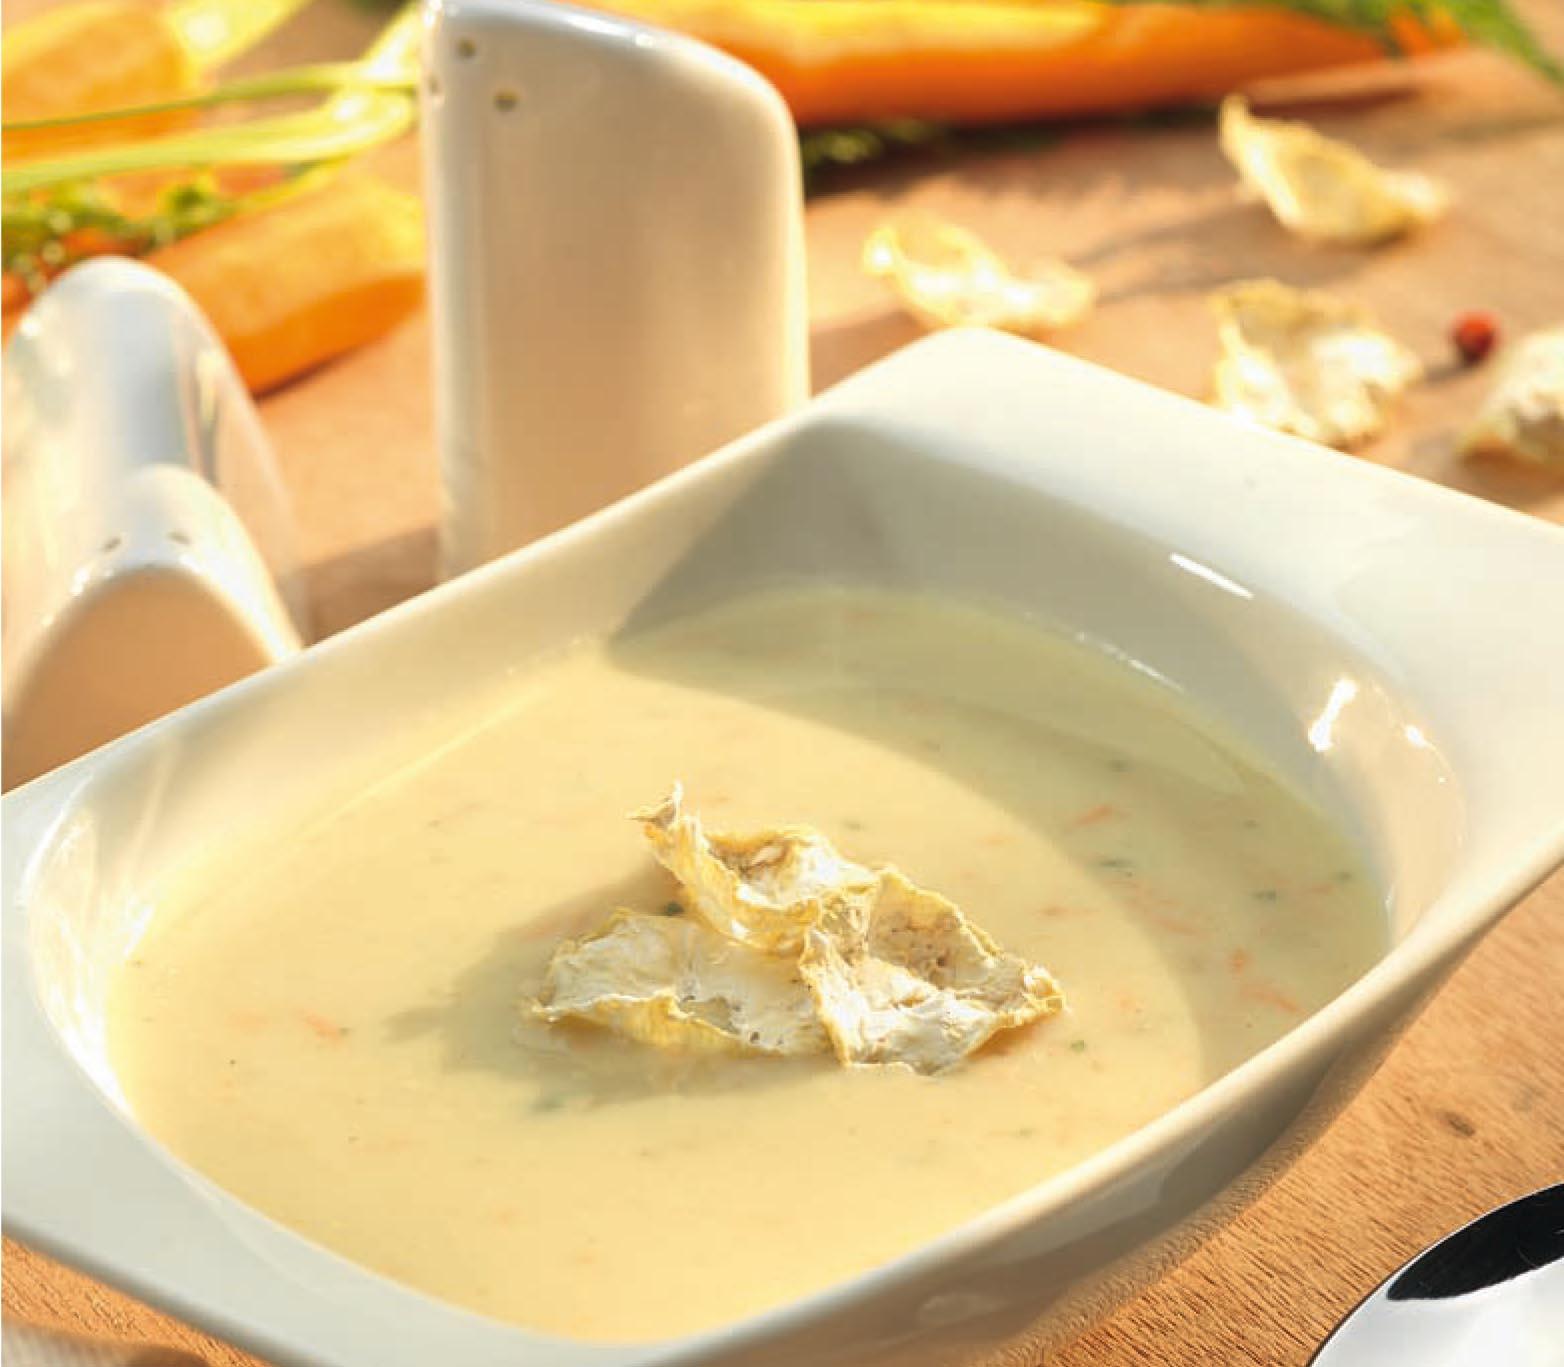 Tavaszi hideg zöldségkrém leves